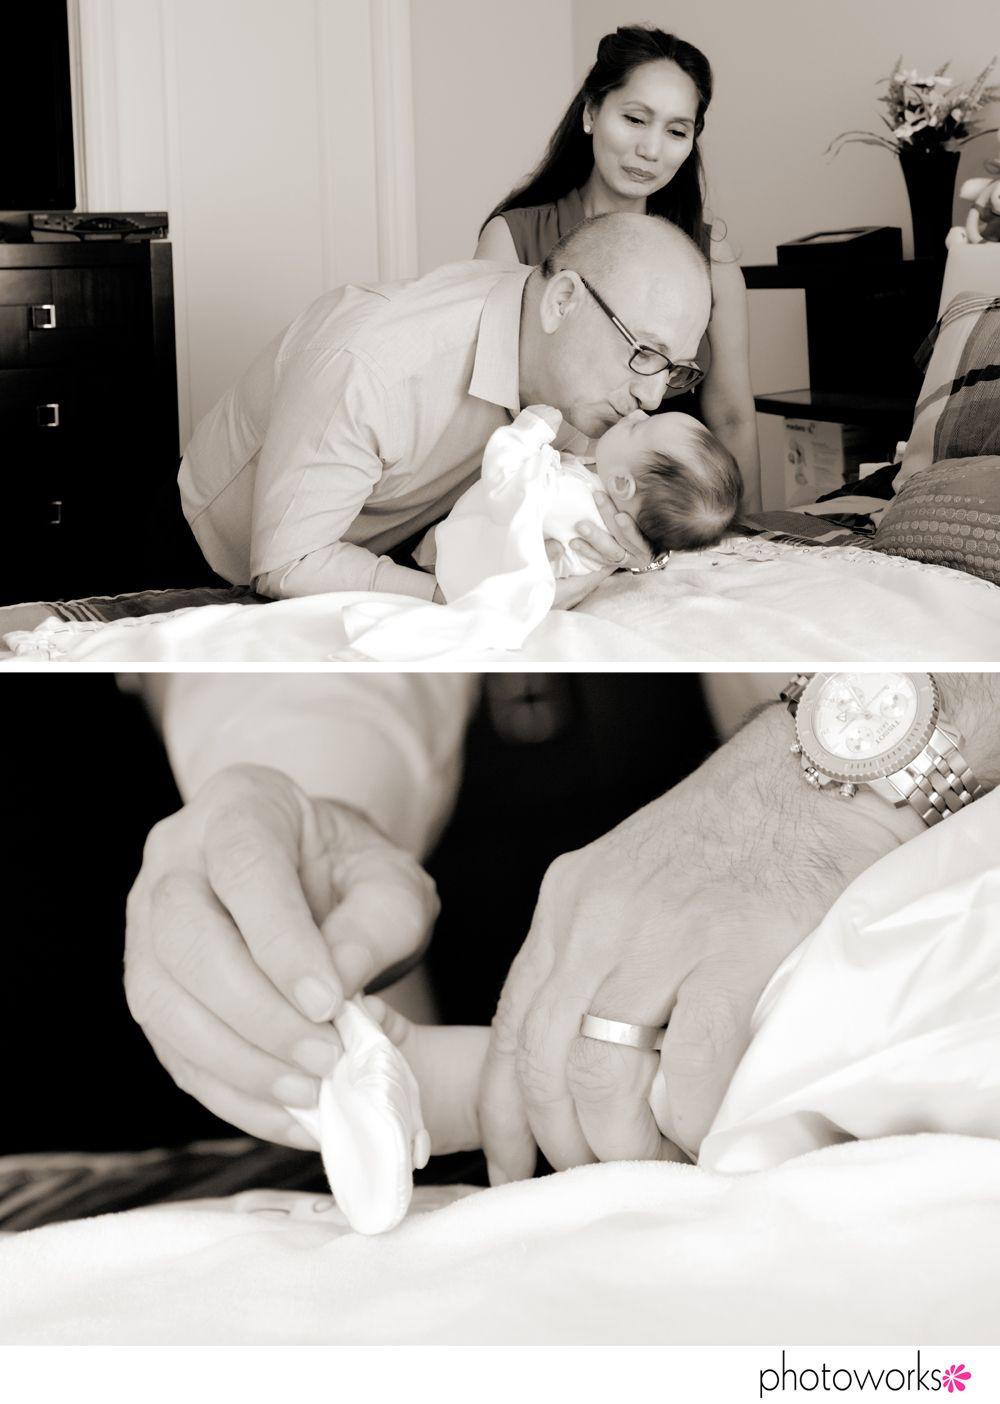 baptism photography - Buscar con Google